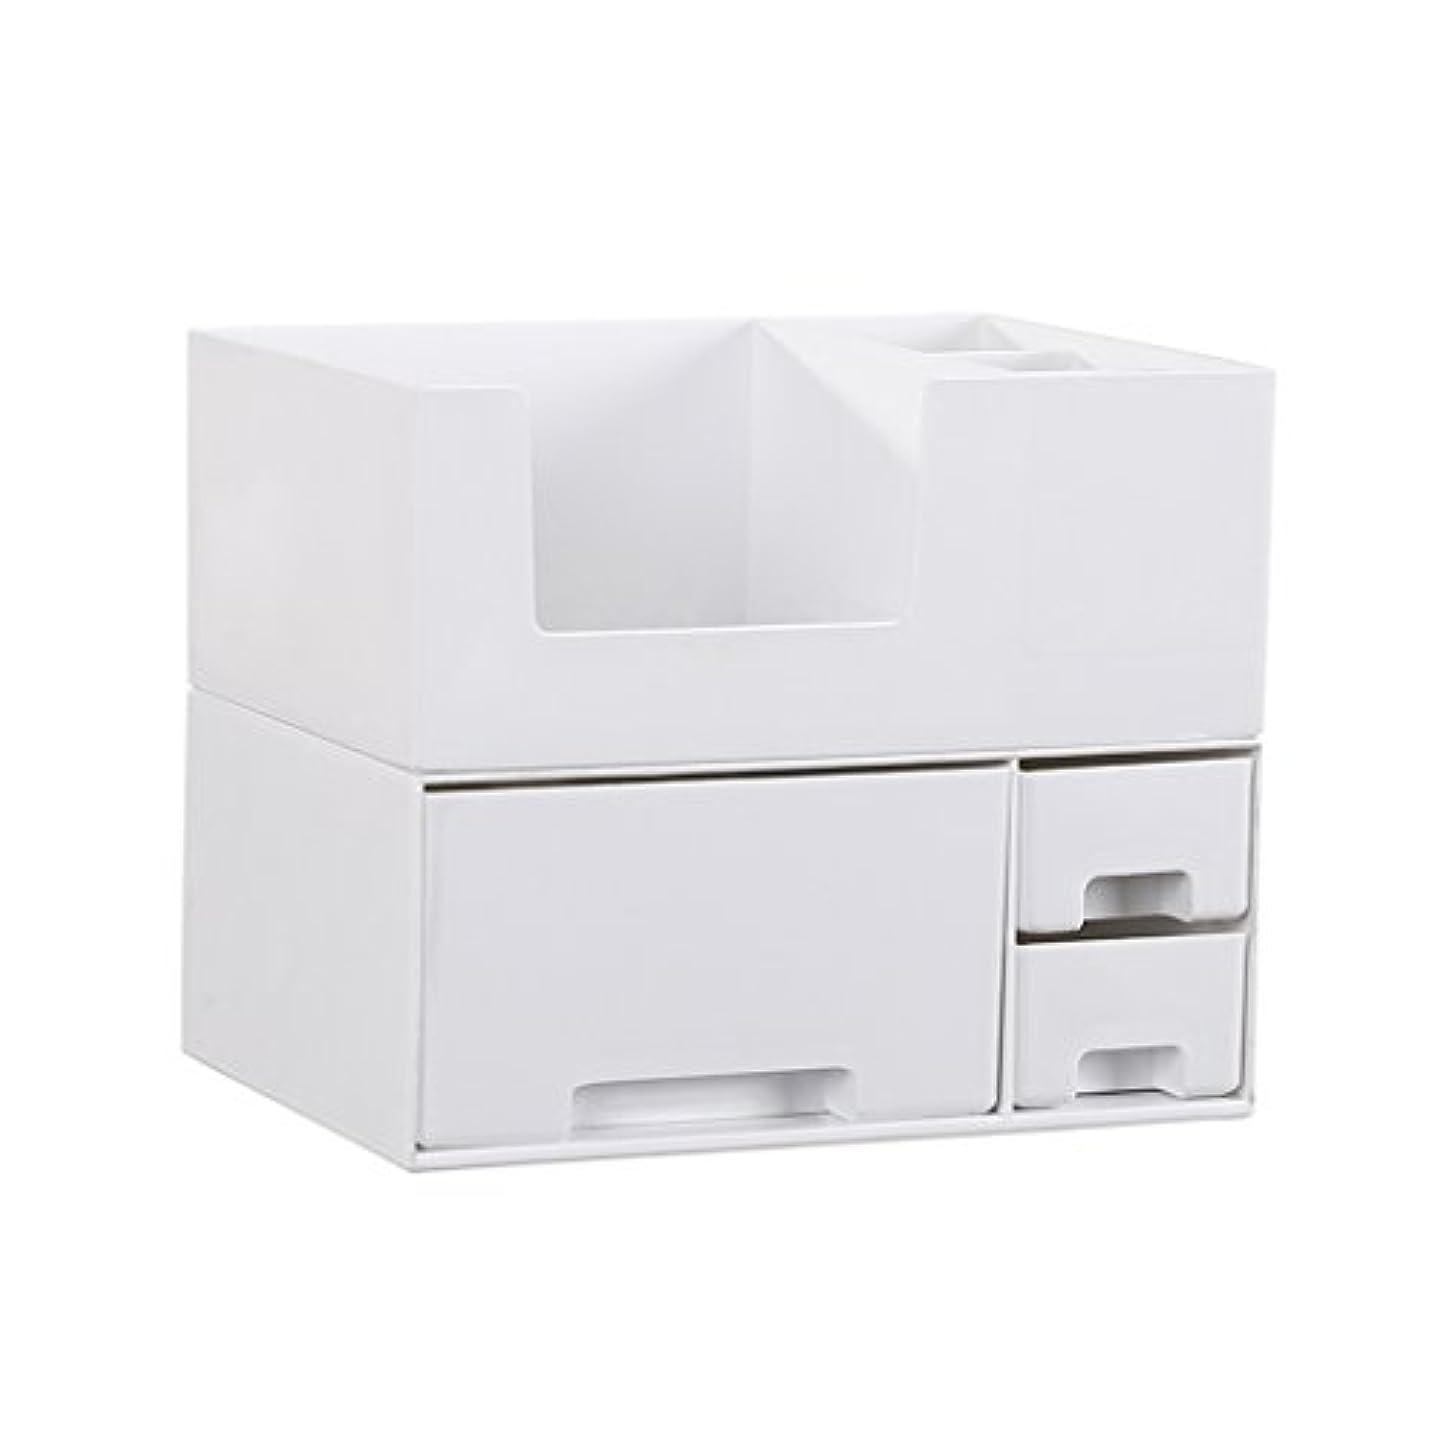 ベンチ歯科医遅れデスクトップ化粧品収納ボックス、スキンケア製品、フェイシャルマスク、ジュエリー、収納ラック、白い2階建て多目的収納ボックス